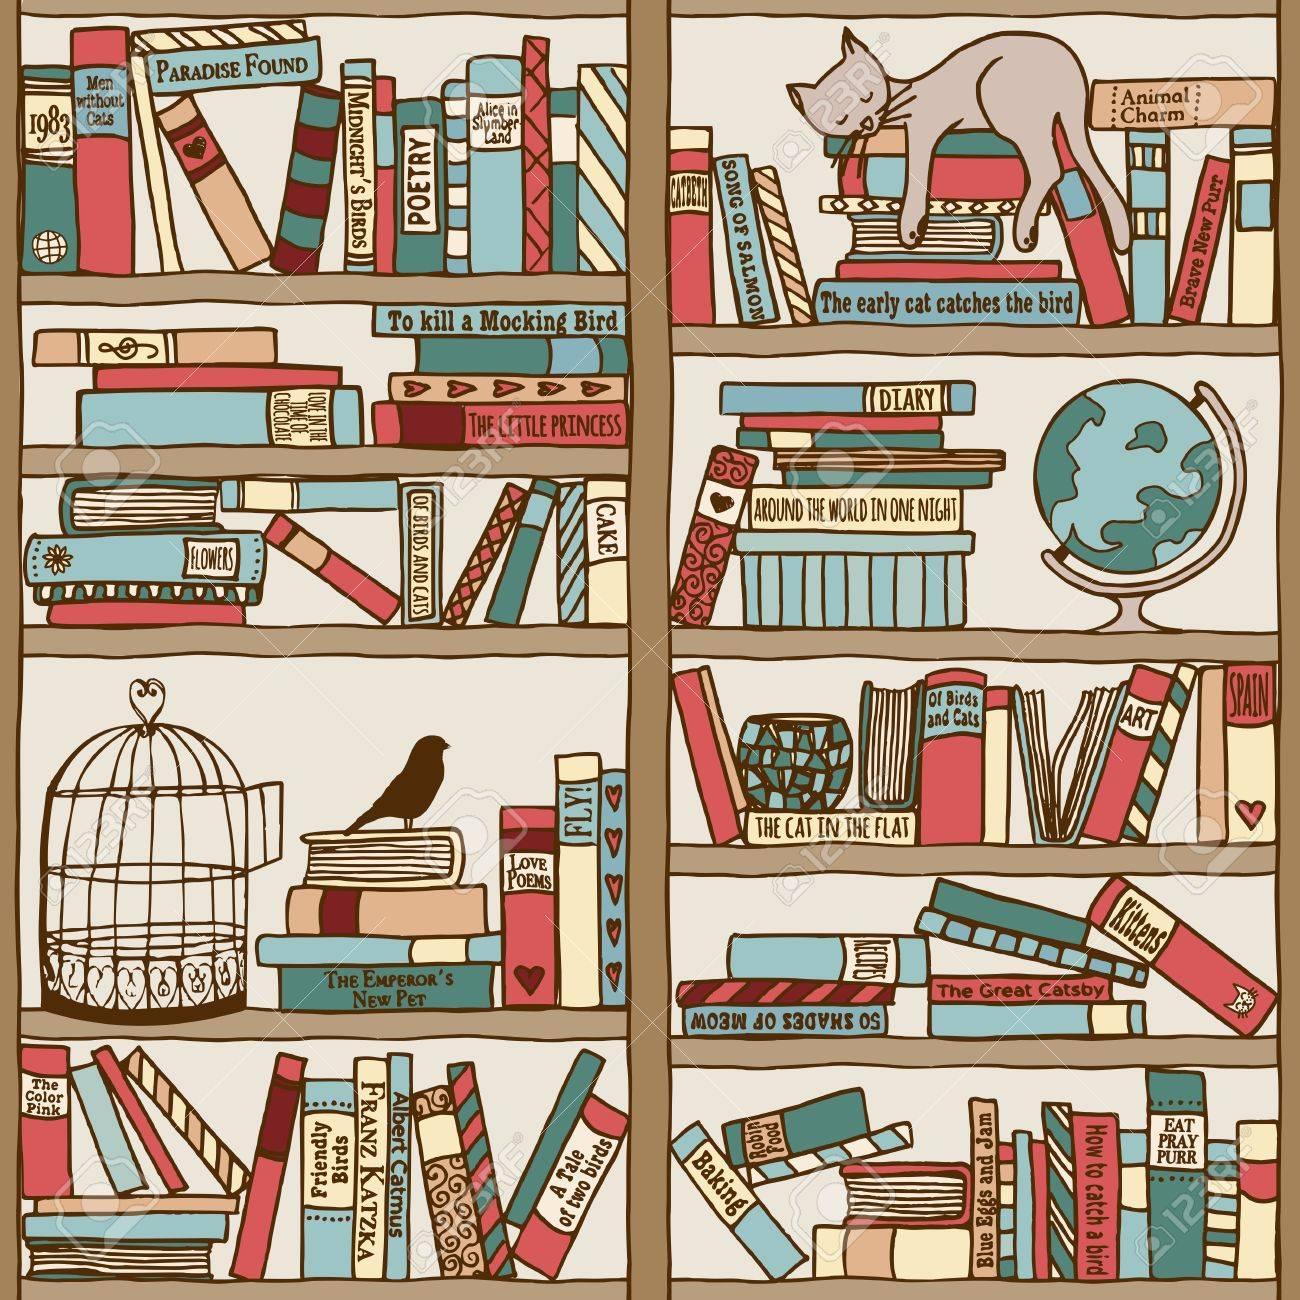 Bücherregal gezeichnet  Hand Drawn Bookshelf With Sleeping Cat Royalty Free Cliparts ...